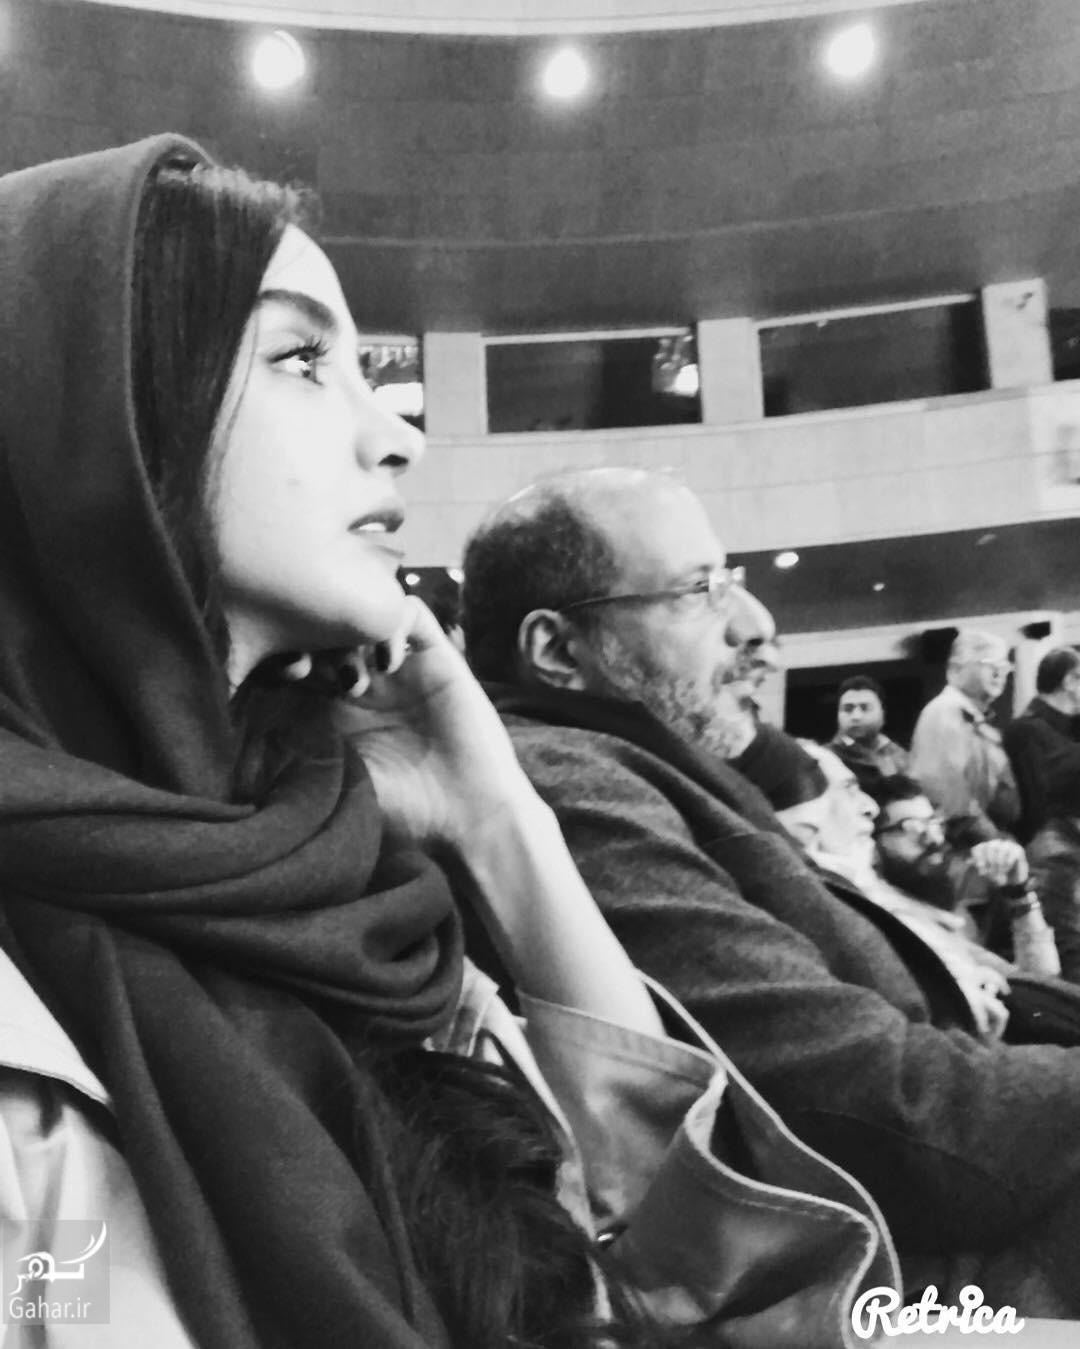 1485674416 عکس های هنرمندان در افتتاحیه جشنواره فیلم فجر 95؛سری دوم